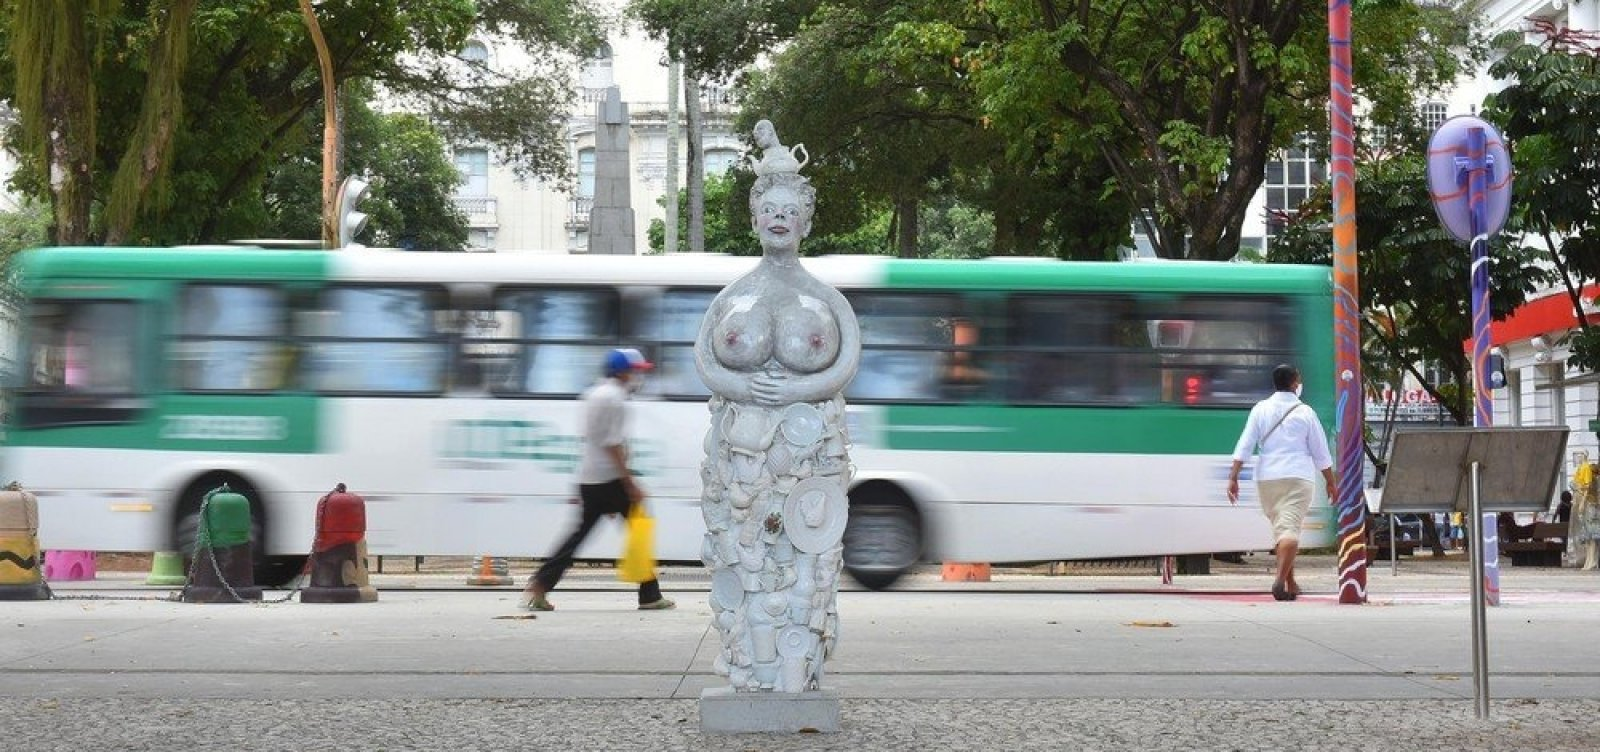 [Roteiro Urbano de Arte: projeto de arte contemporânea é instalado no centro histórico de Salvador]